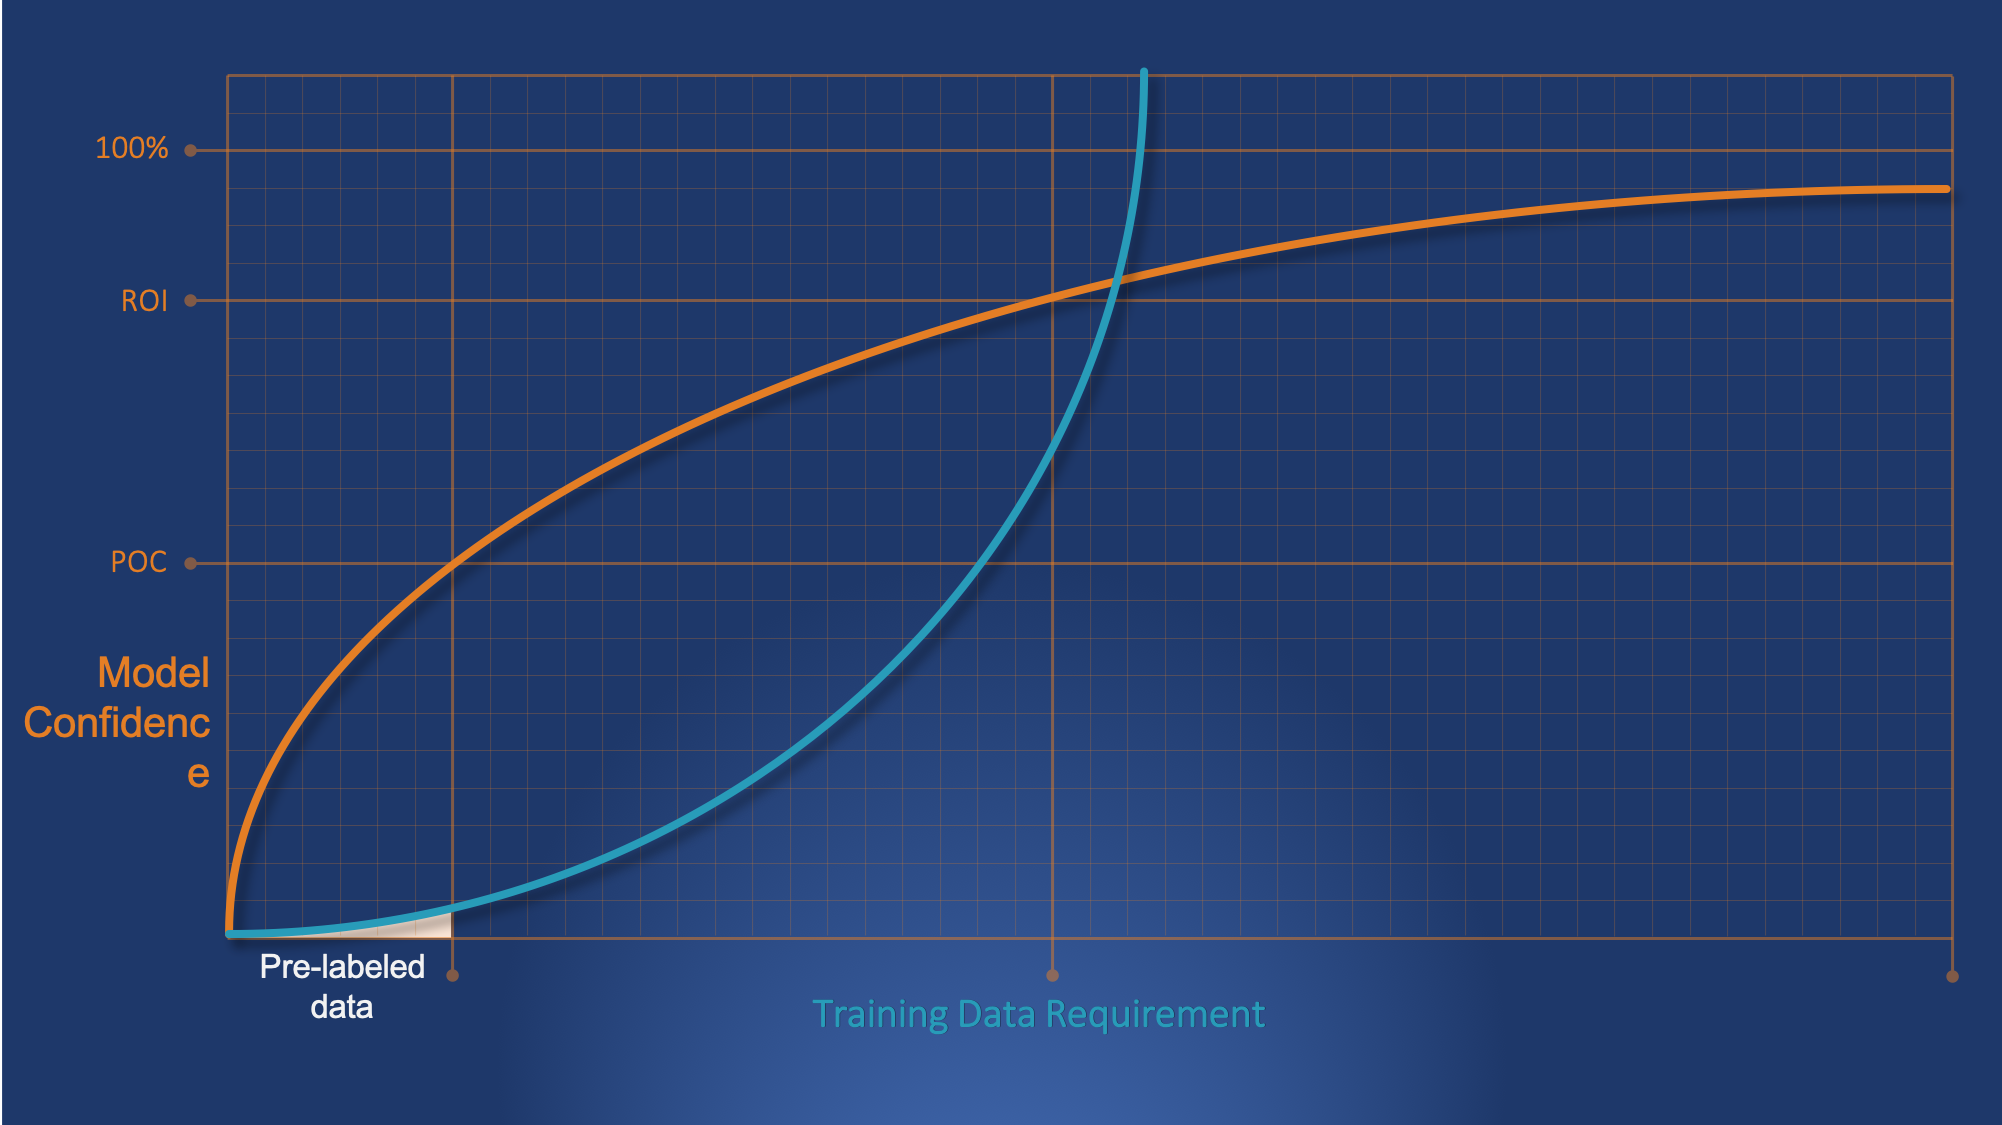 Model Confidence vs Training Data2